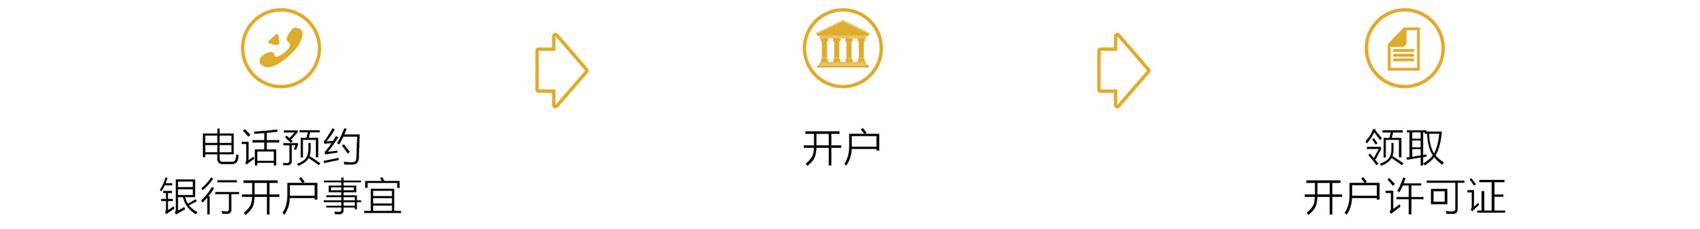 银行开户_06.jpg